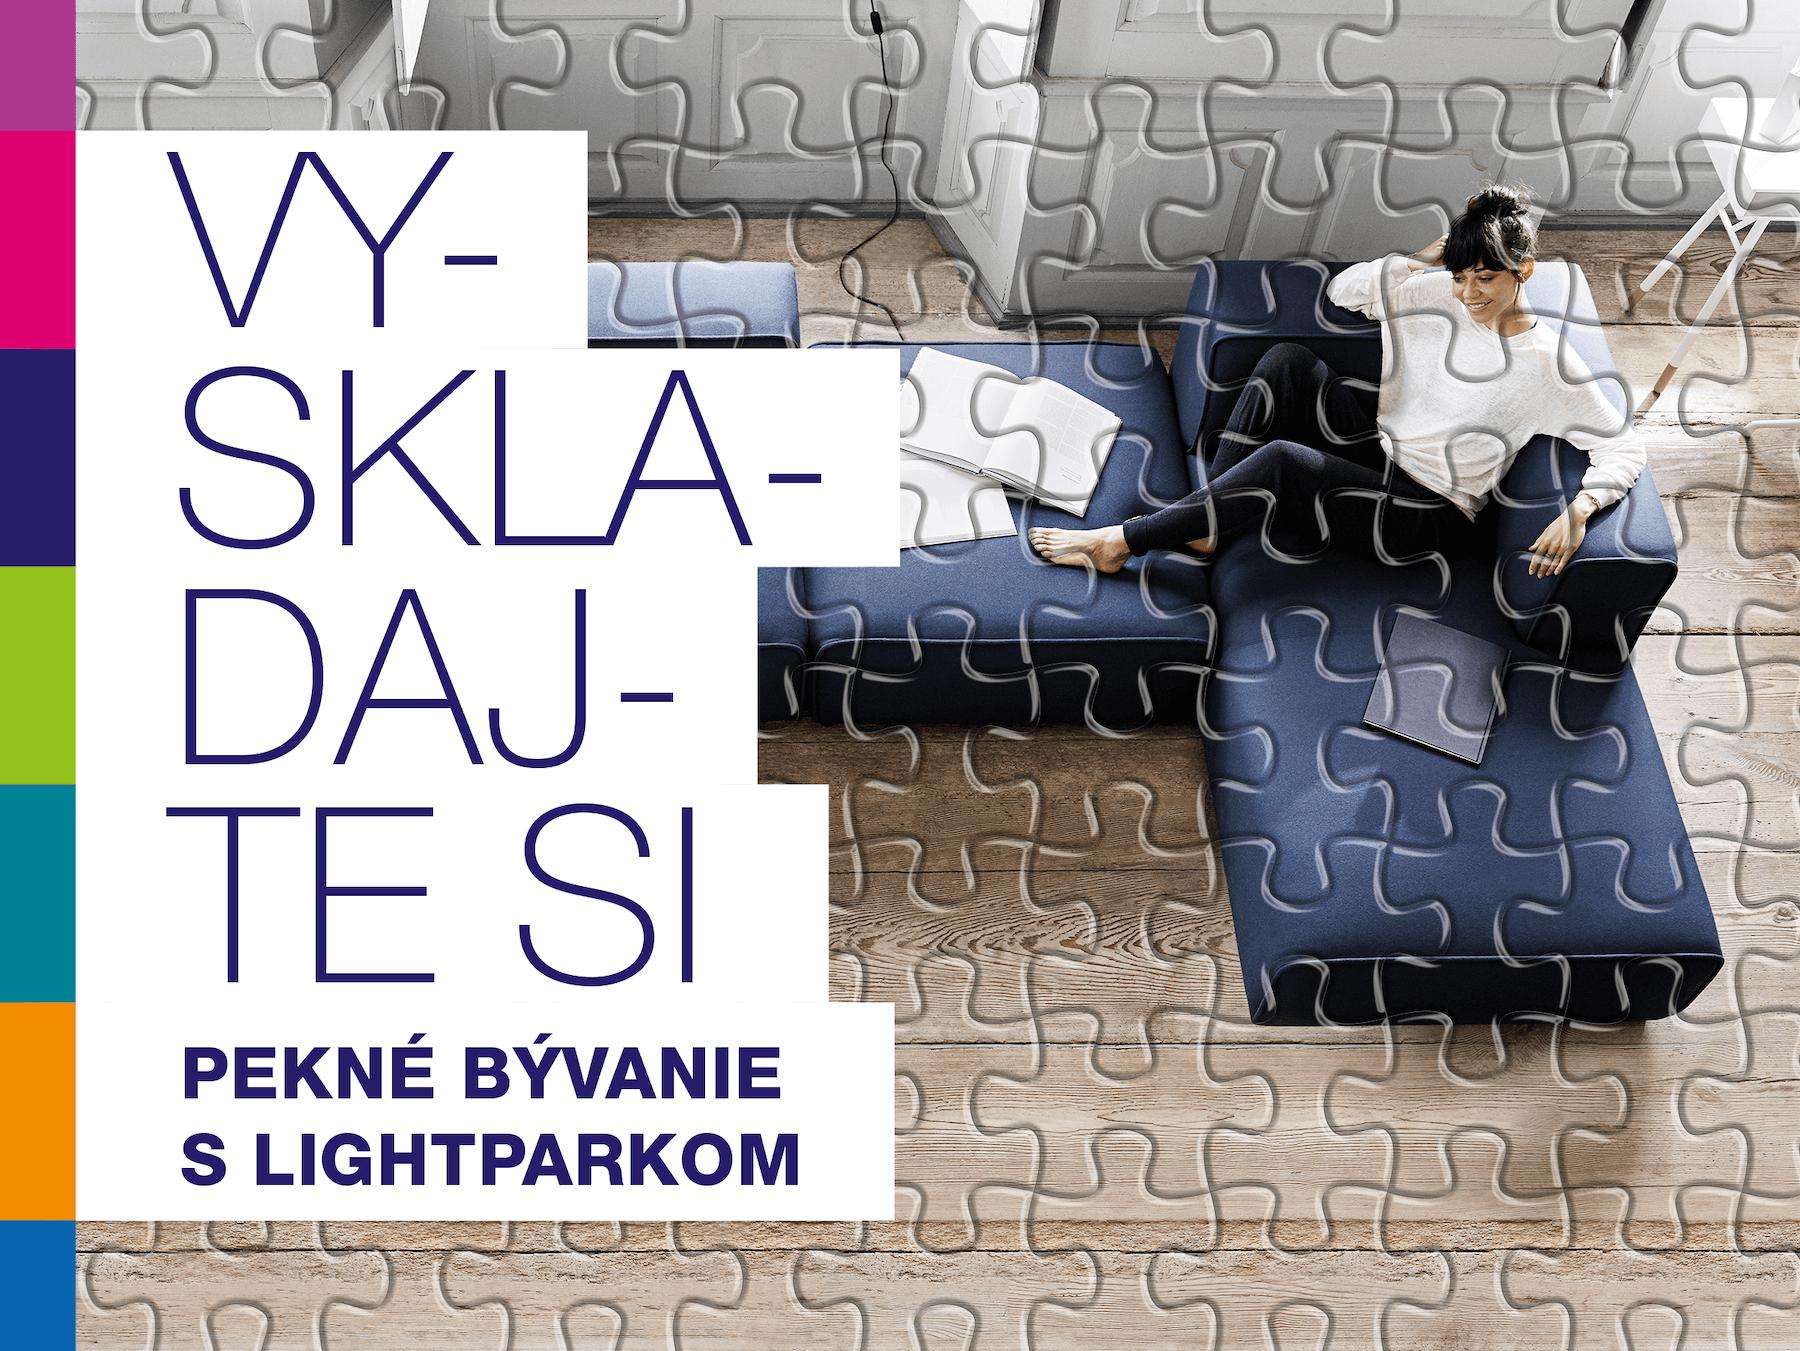 Vyskladajte si pekné bývanie s LightParkom